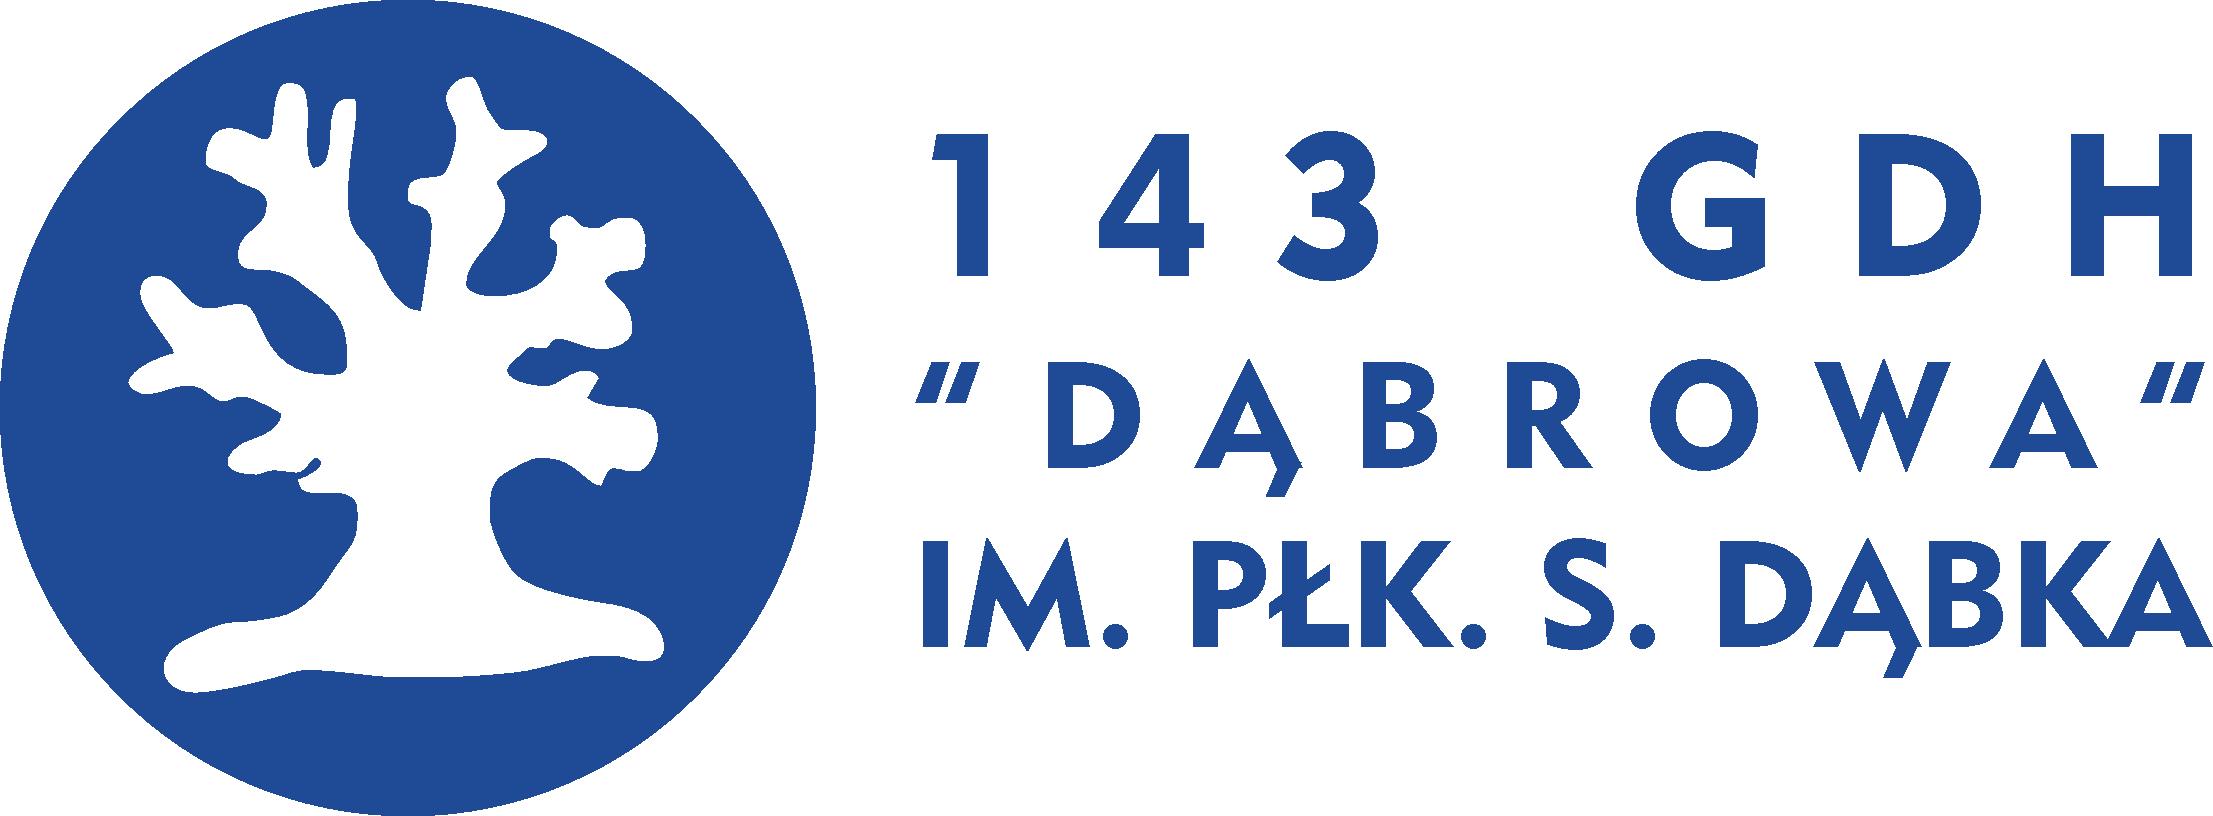 143 GDH